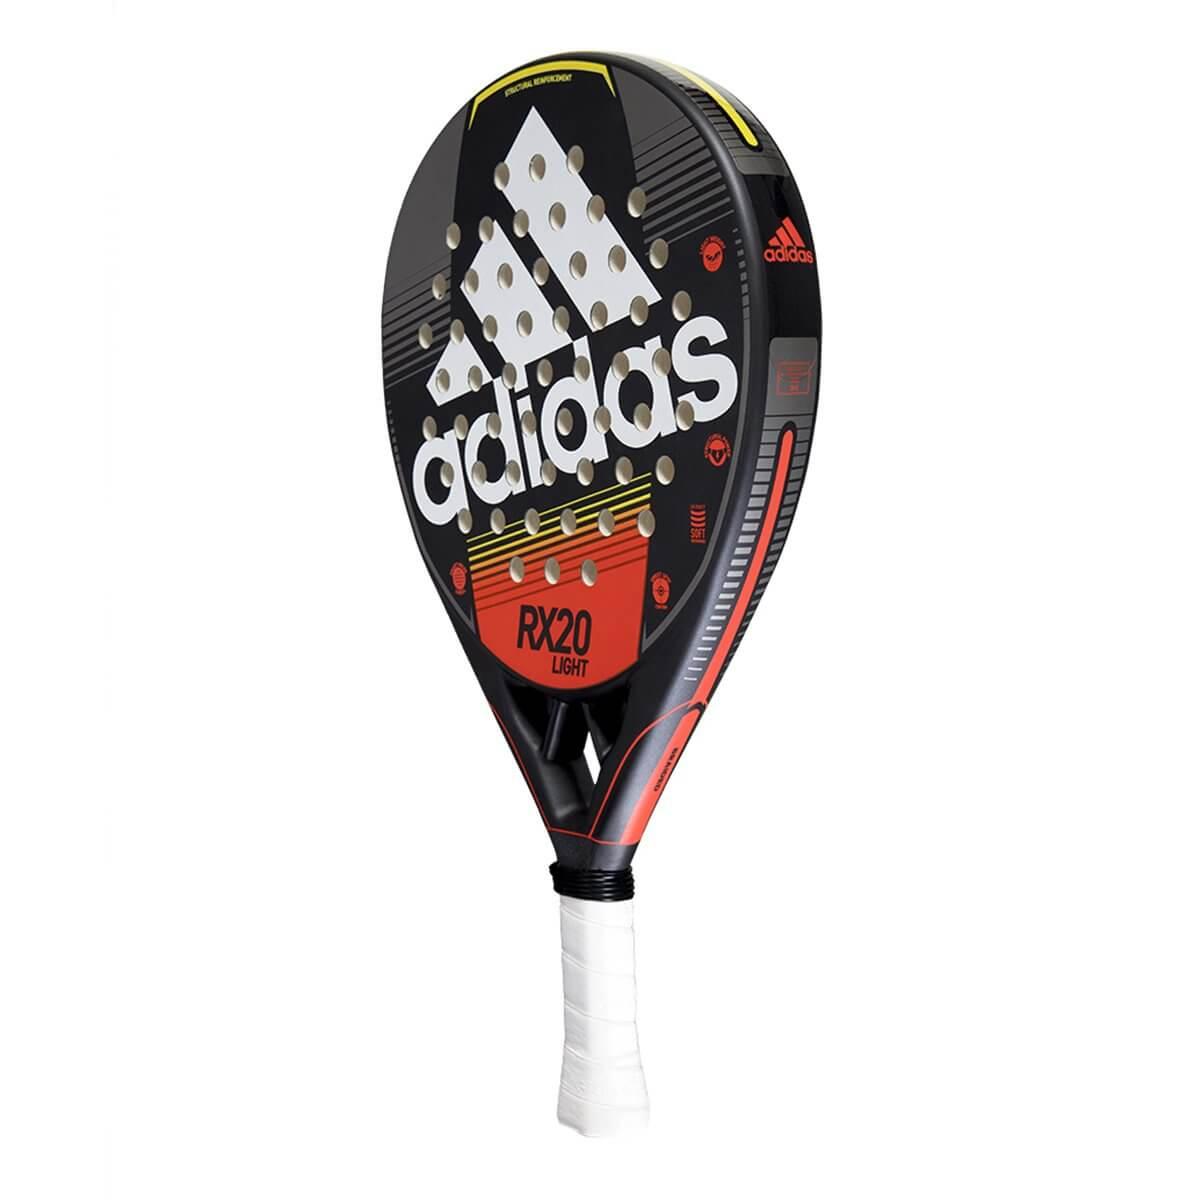 Adidas RX20 Light 3